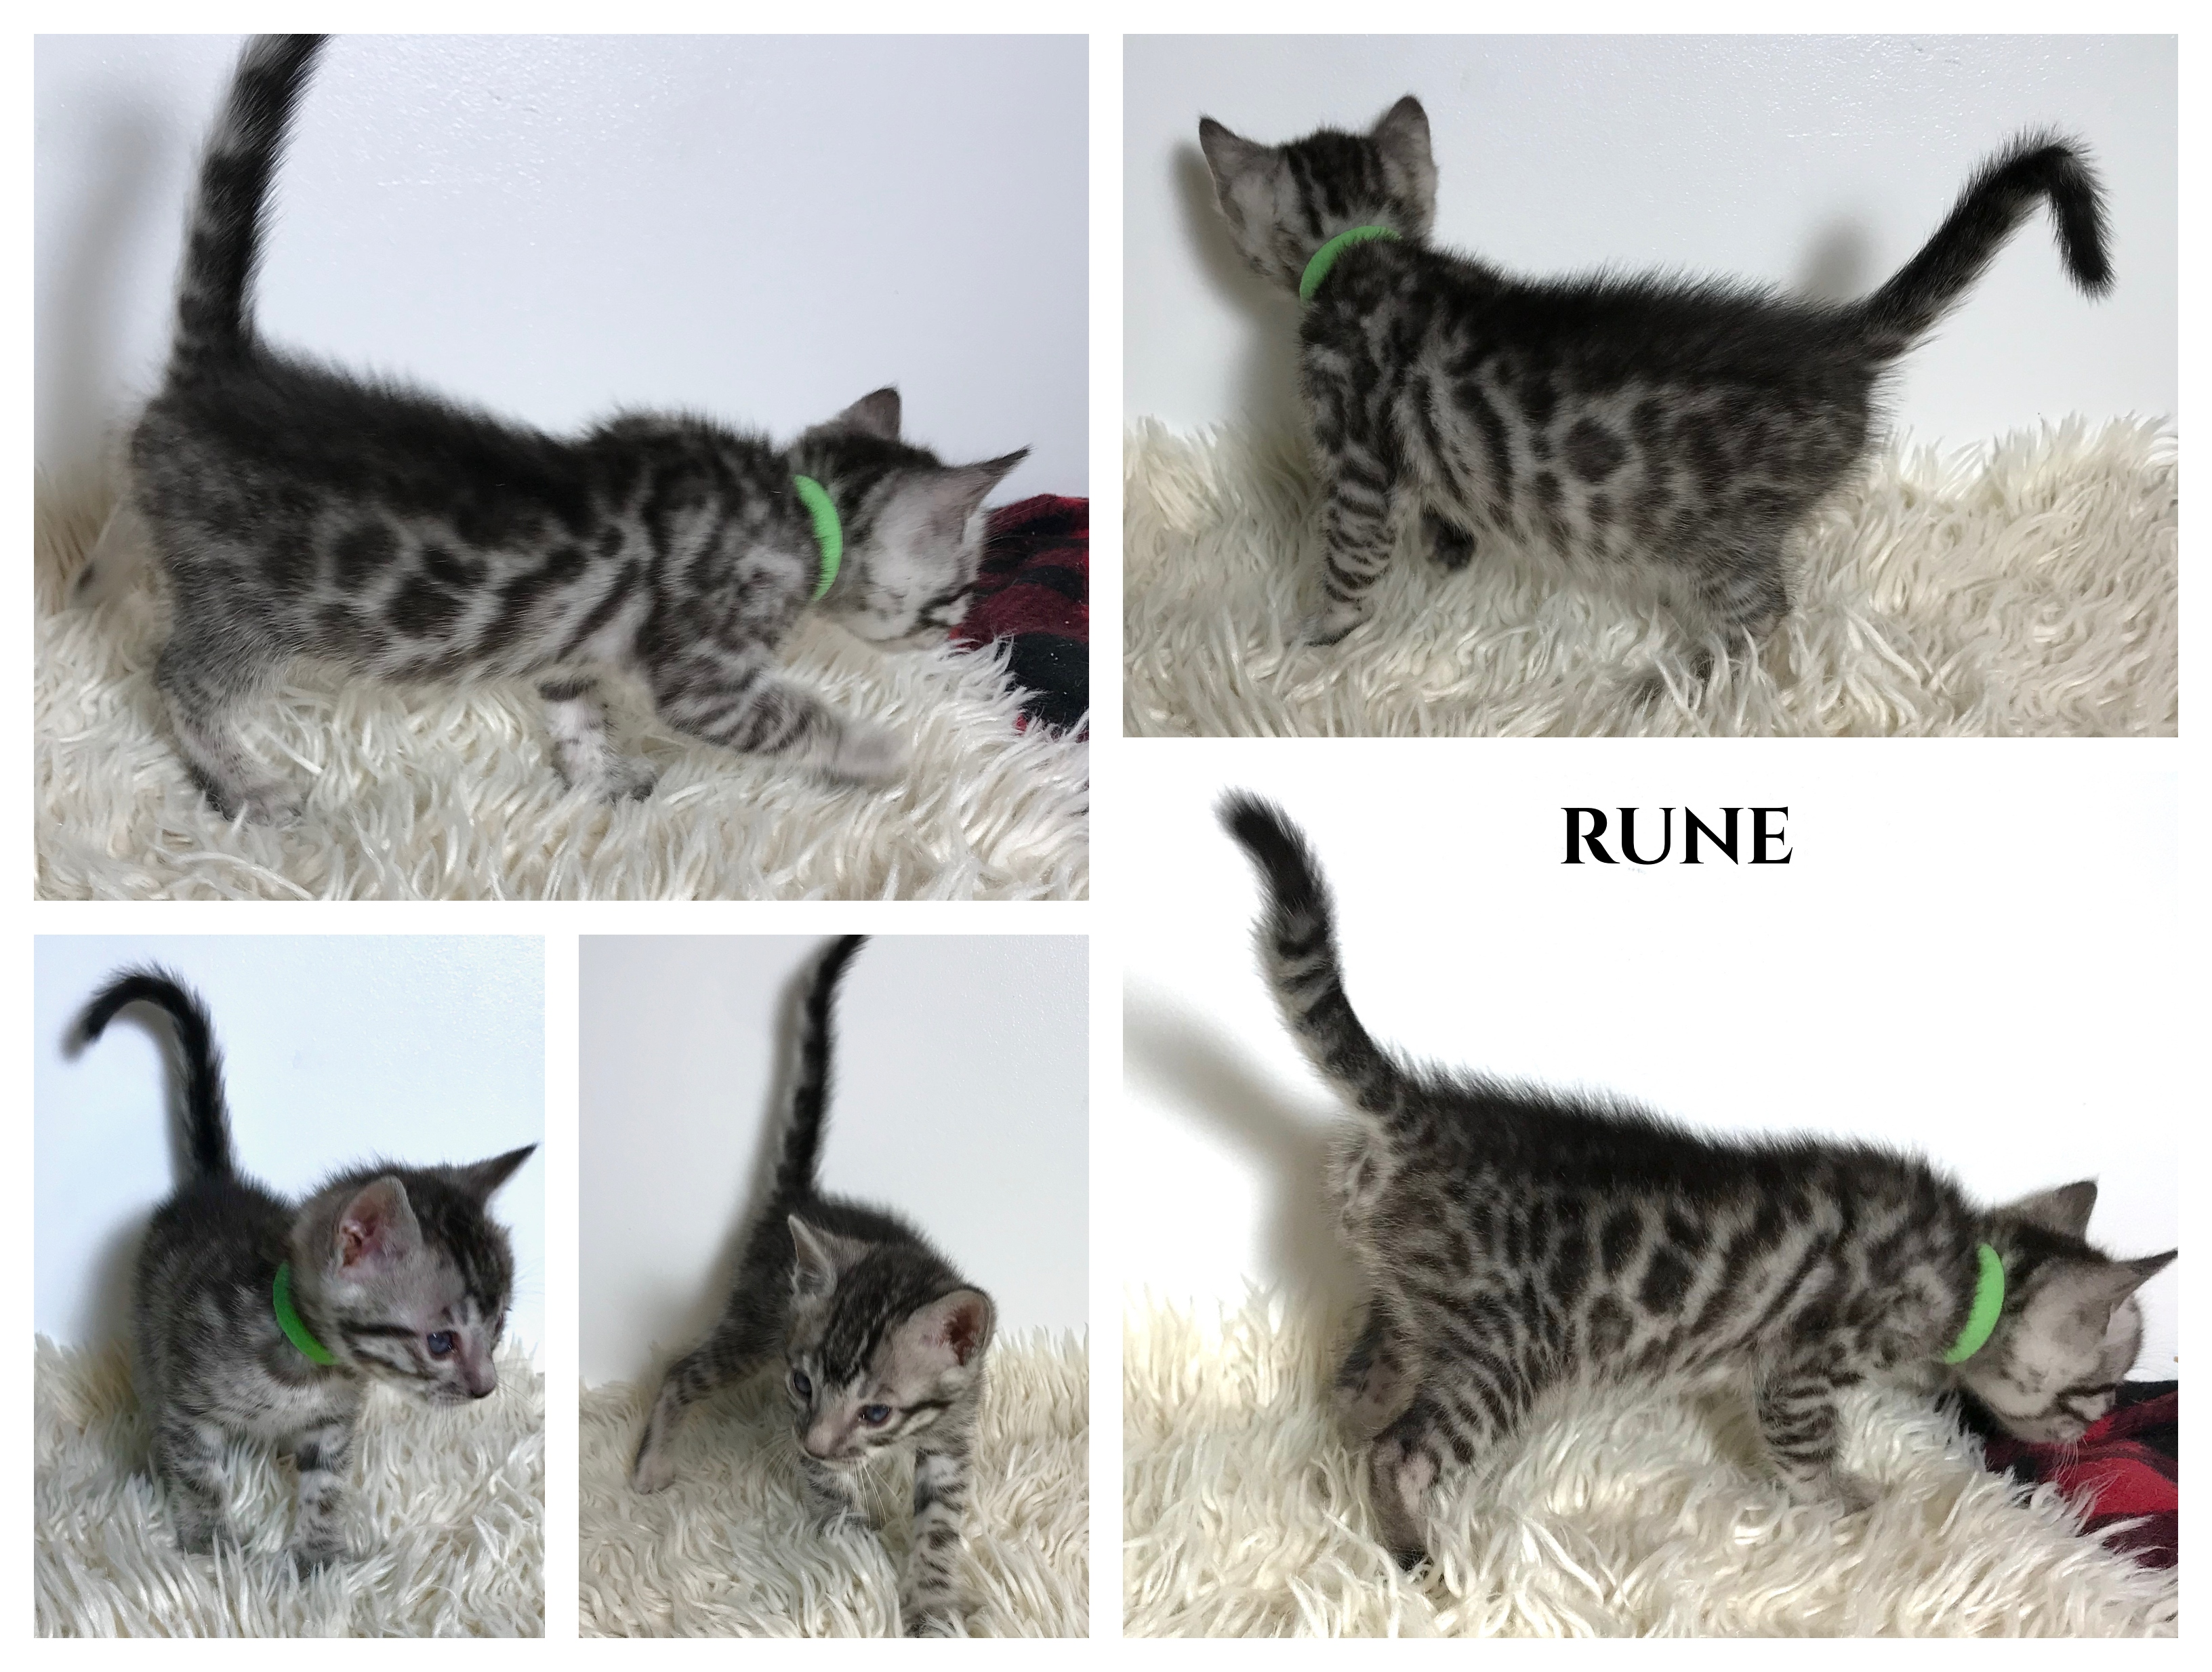 Rune 5 weeks